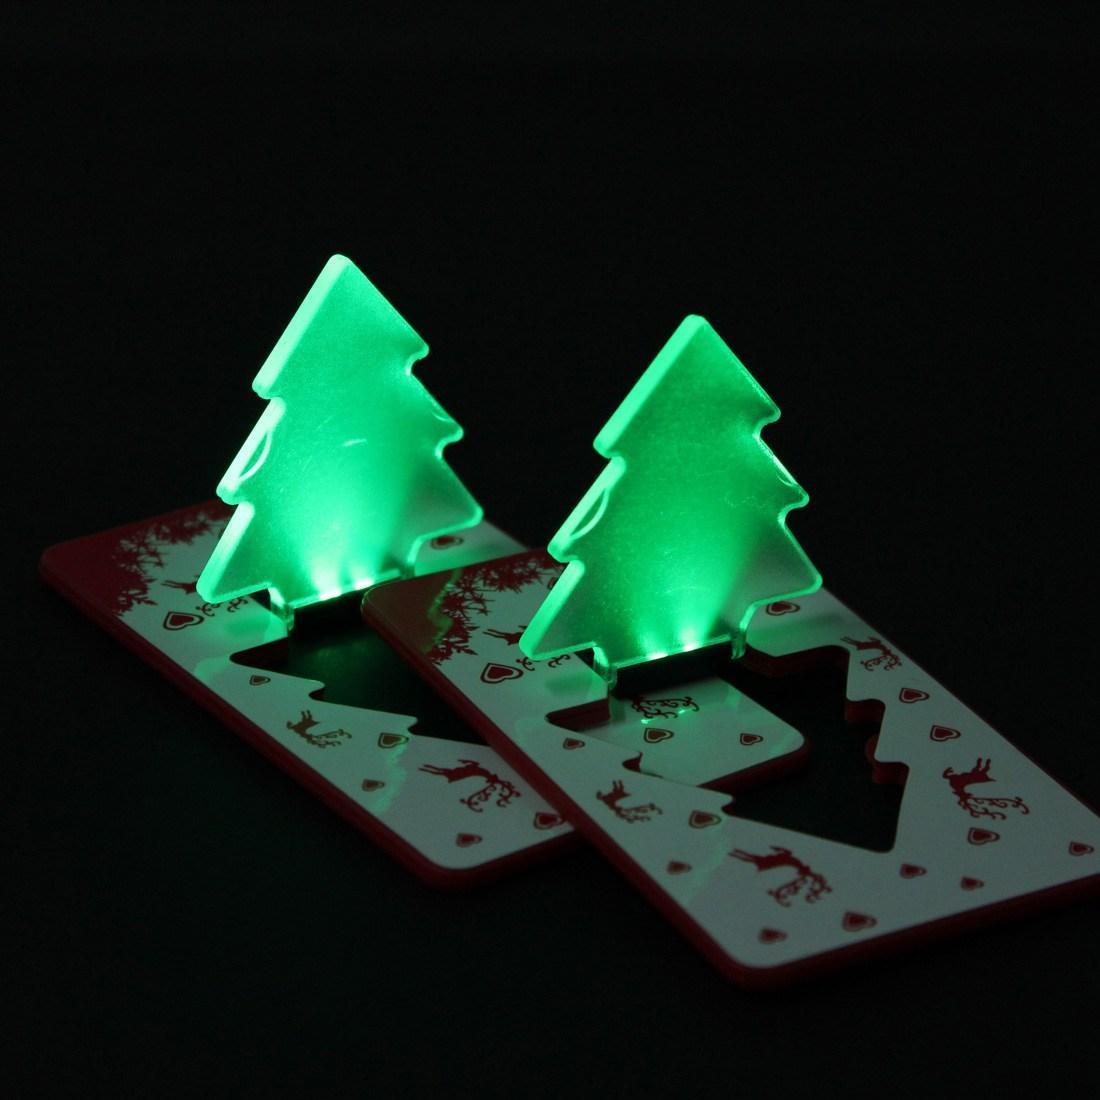 Gro handel mini faltende led weihnachtsbaum karten abs nachthellgr n gelbe neuheit - Weihnachtsbaum mini led ...